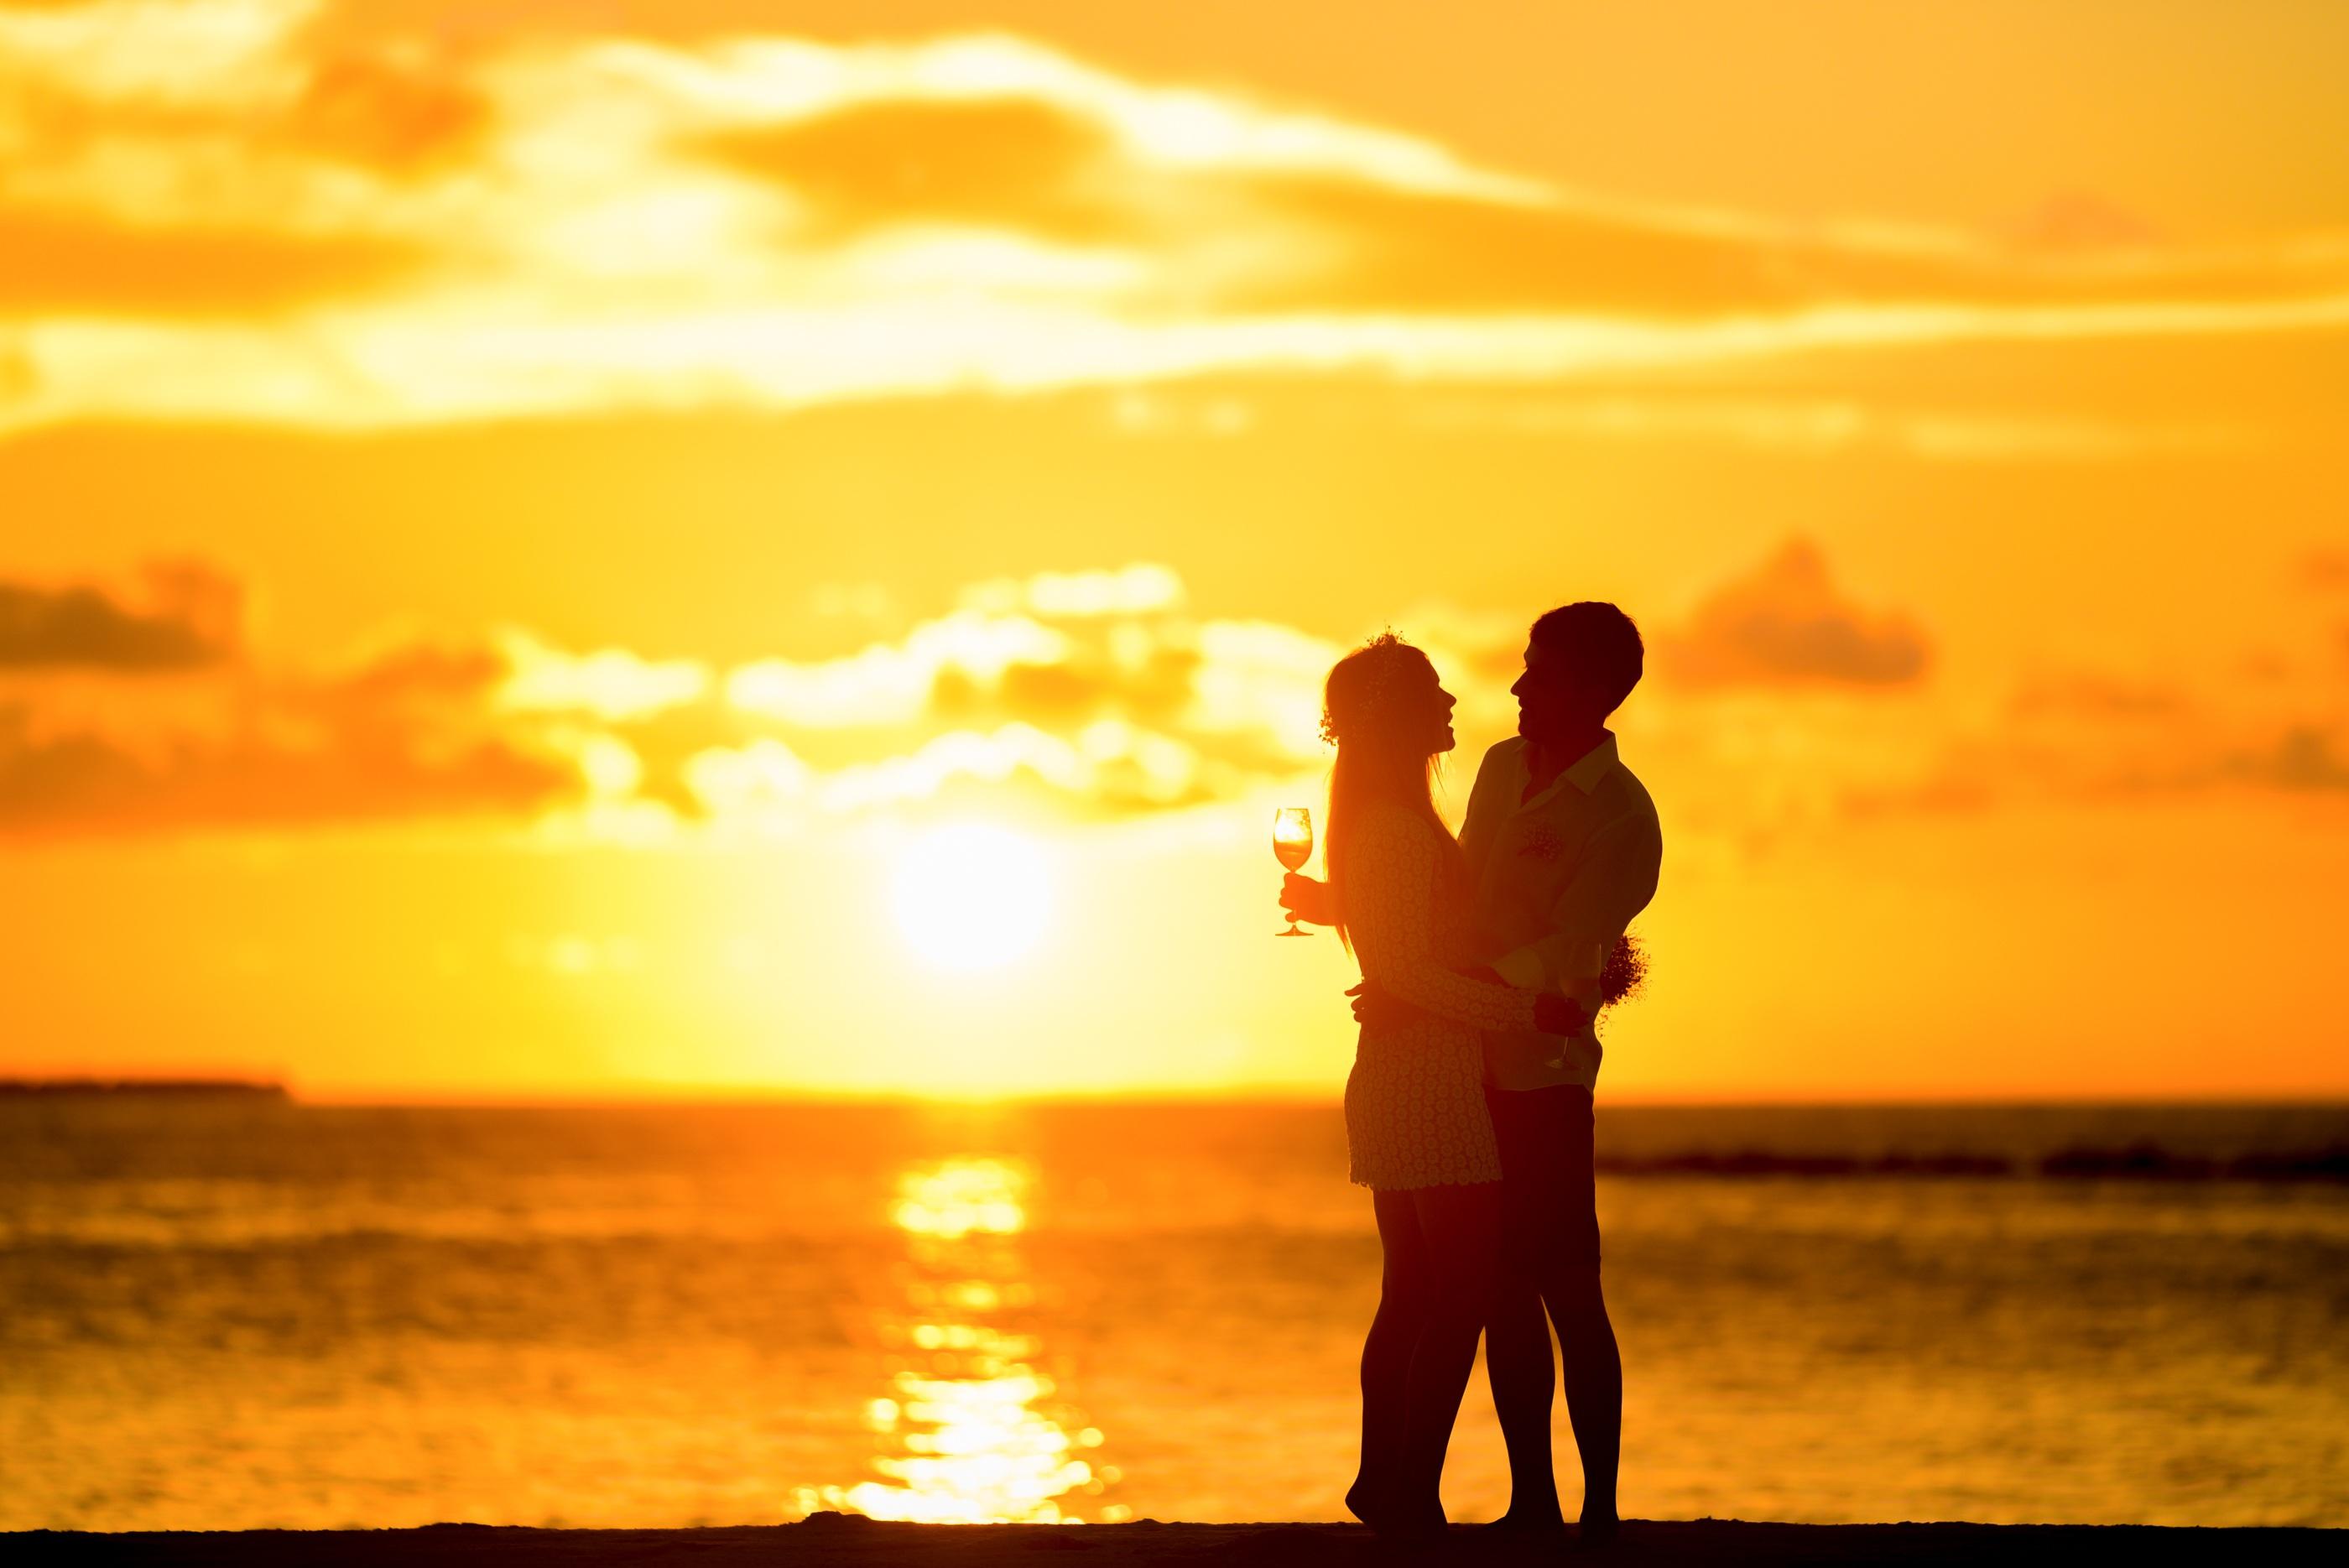 beach-sea-ocean-horizon-silhouette-blur-1173427-pxhere.com